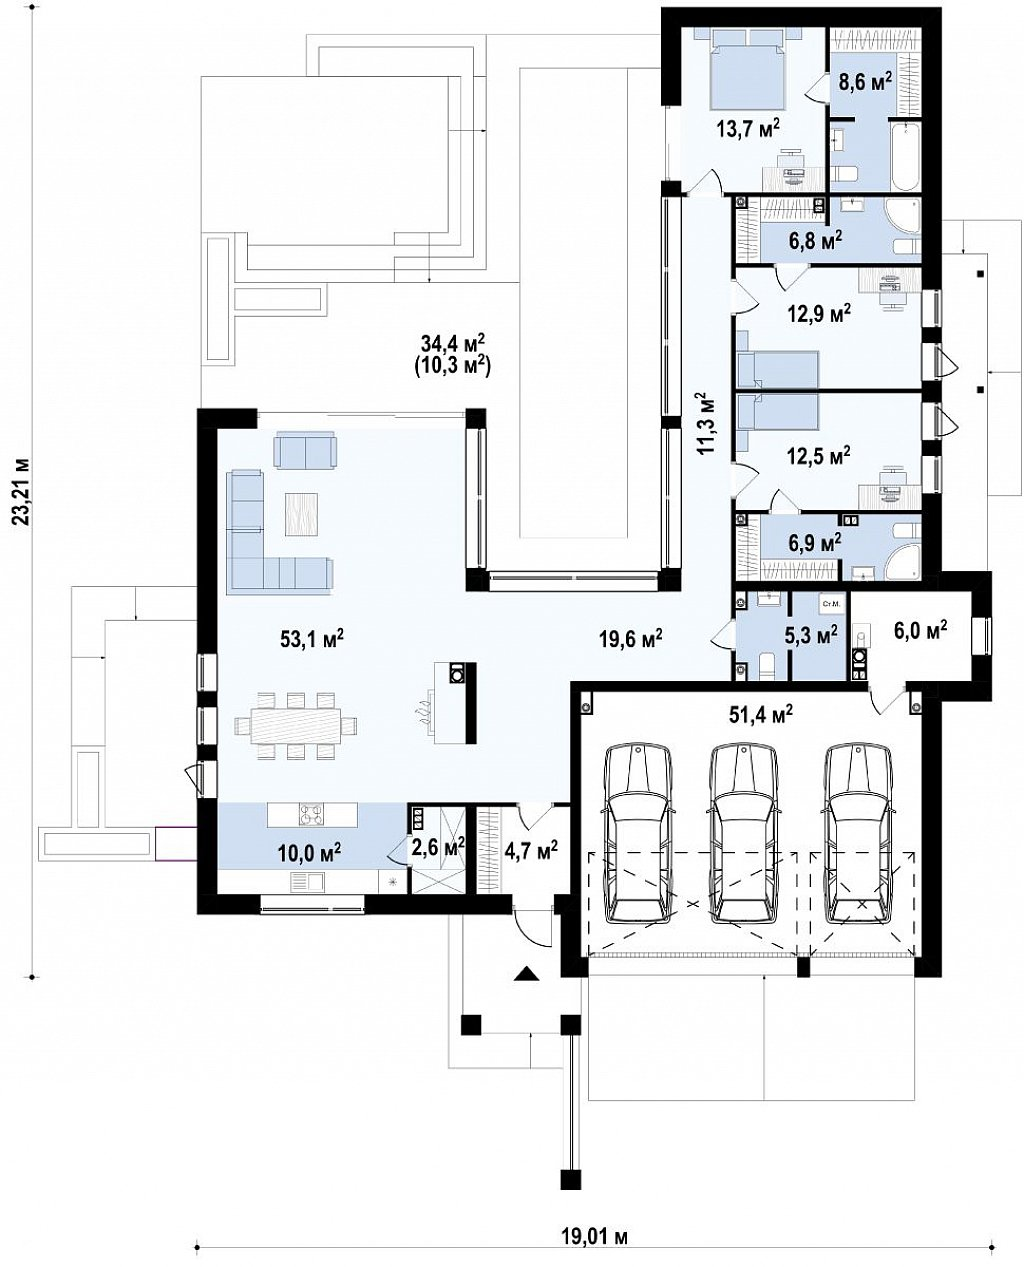 Одноэтажный дом в современном стиле с гаражом на 3 машины, с плоской кровлей план помещений 1